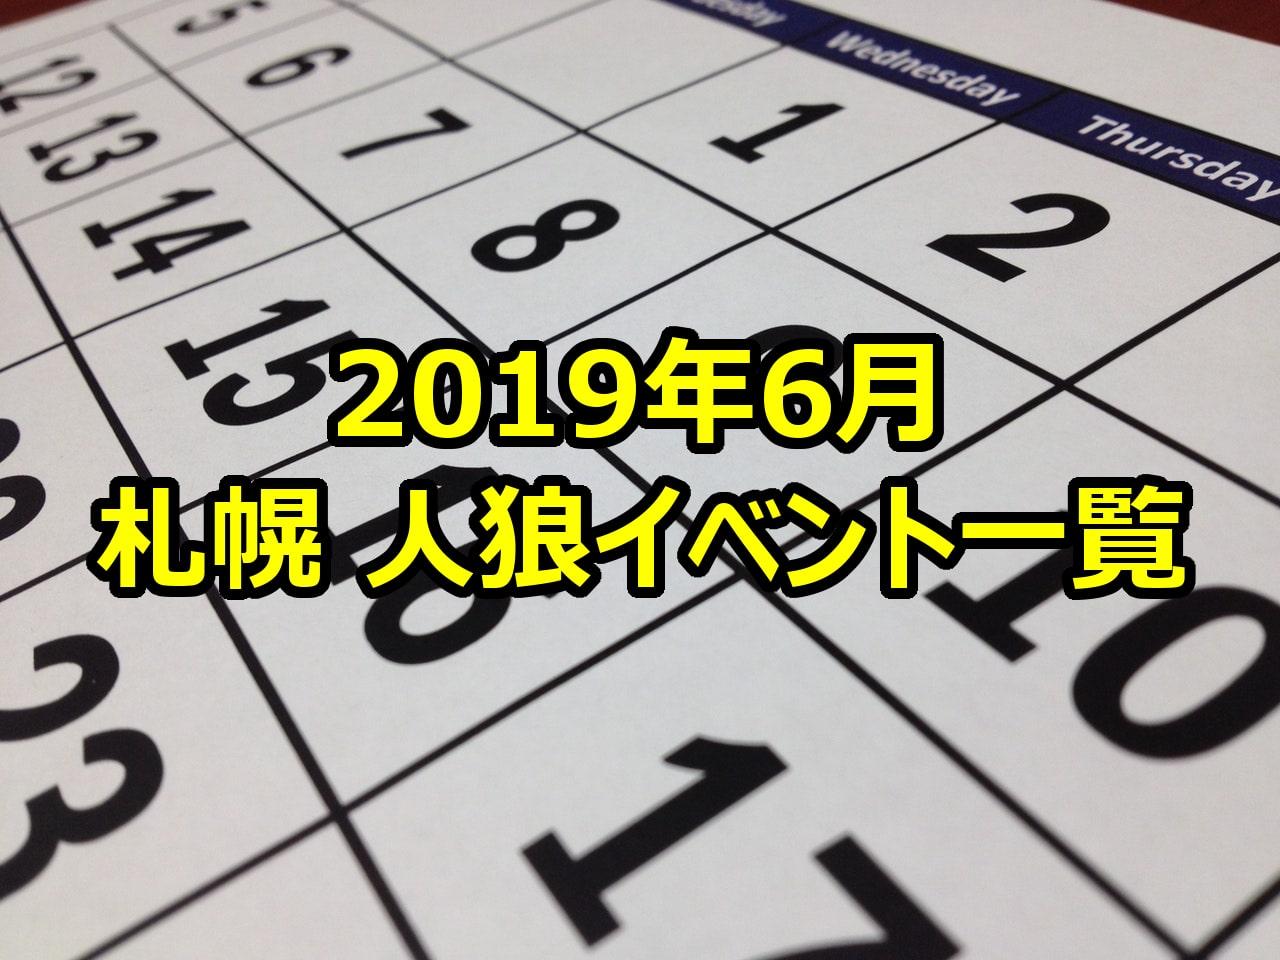 札幌 人狼ゲームイベント 2019年6月